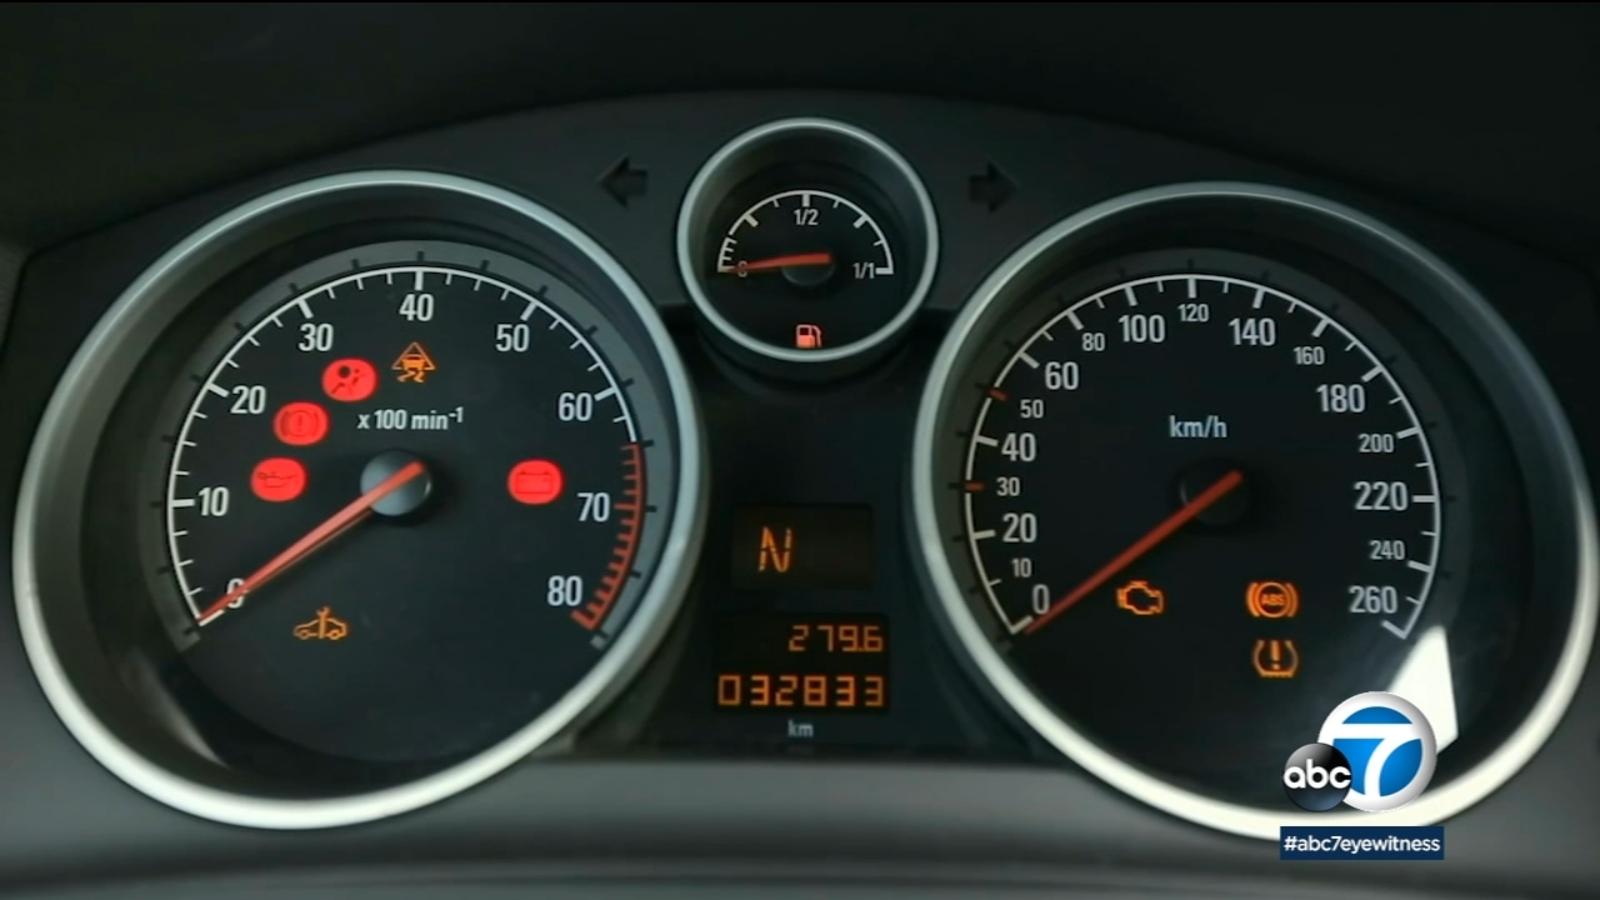 Odometer fraud increasing in used-car market, experts warn